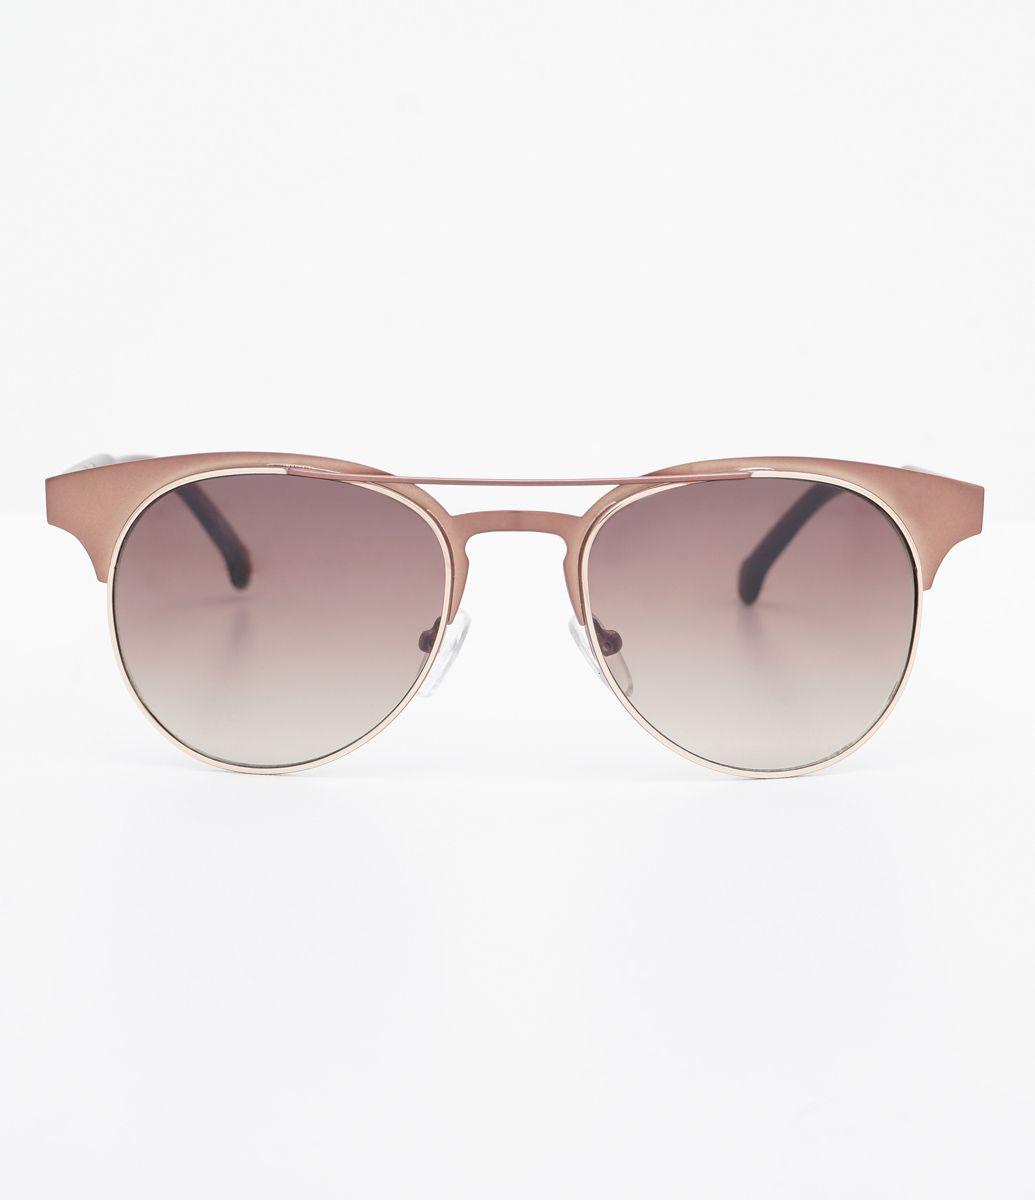 d80205dfe4433 Óculos de sol Modelo redondo Hastes em acetato veludo Lentes marrom degradê  Proteção contra raios UVA   UVB Acompanha um estojo e flanela de limpeza ...